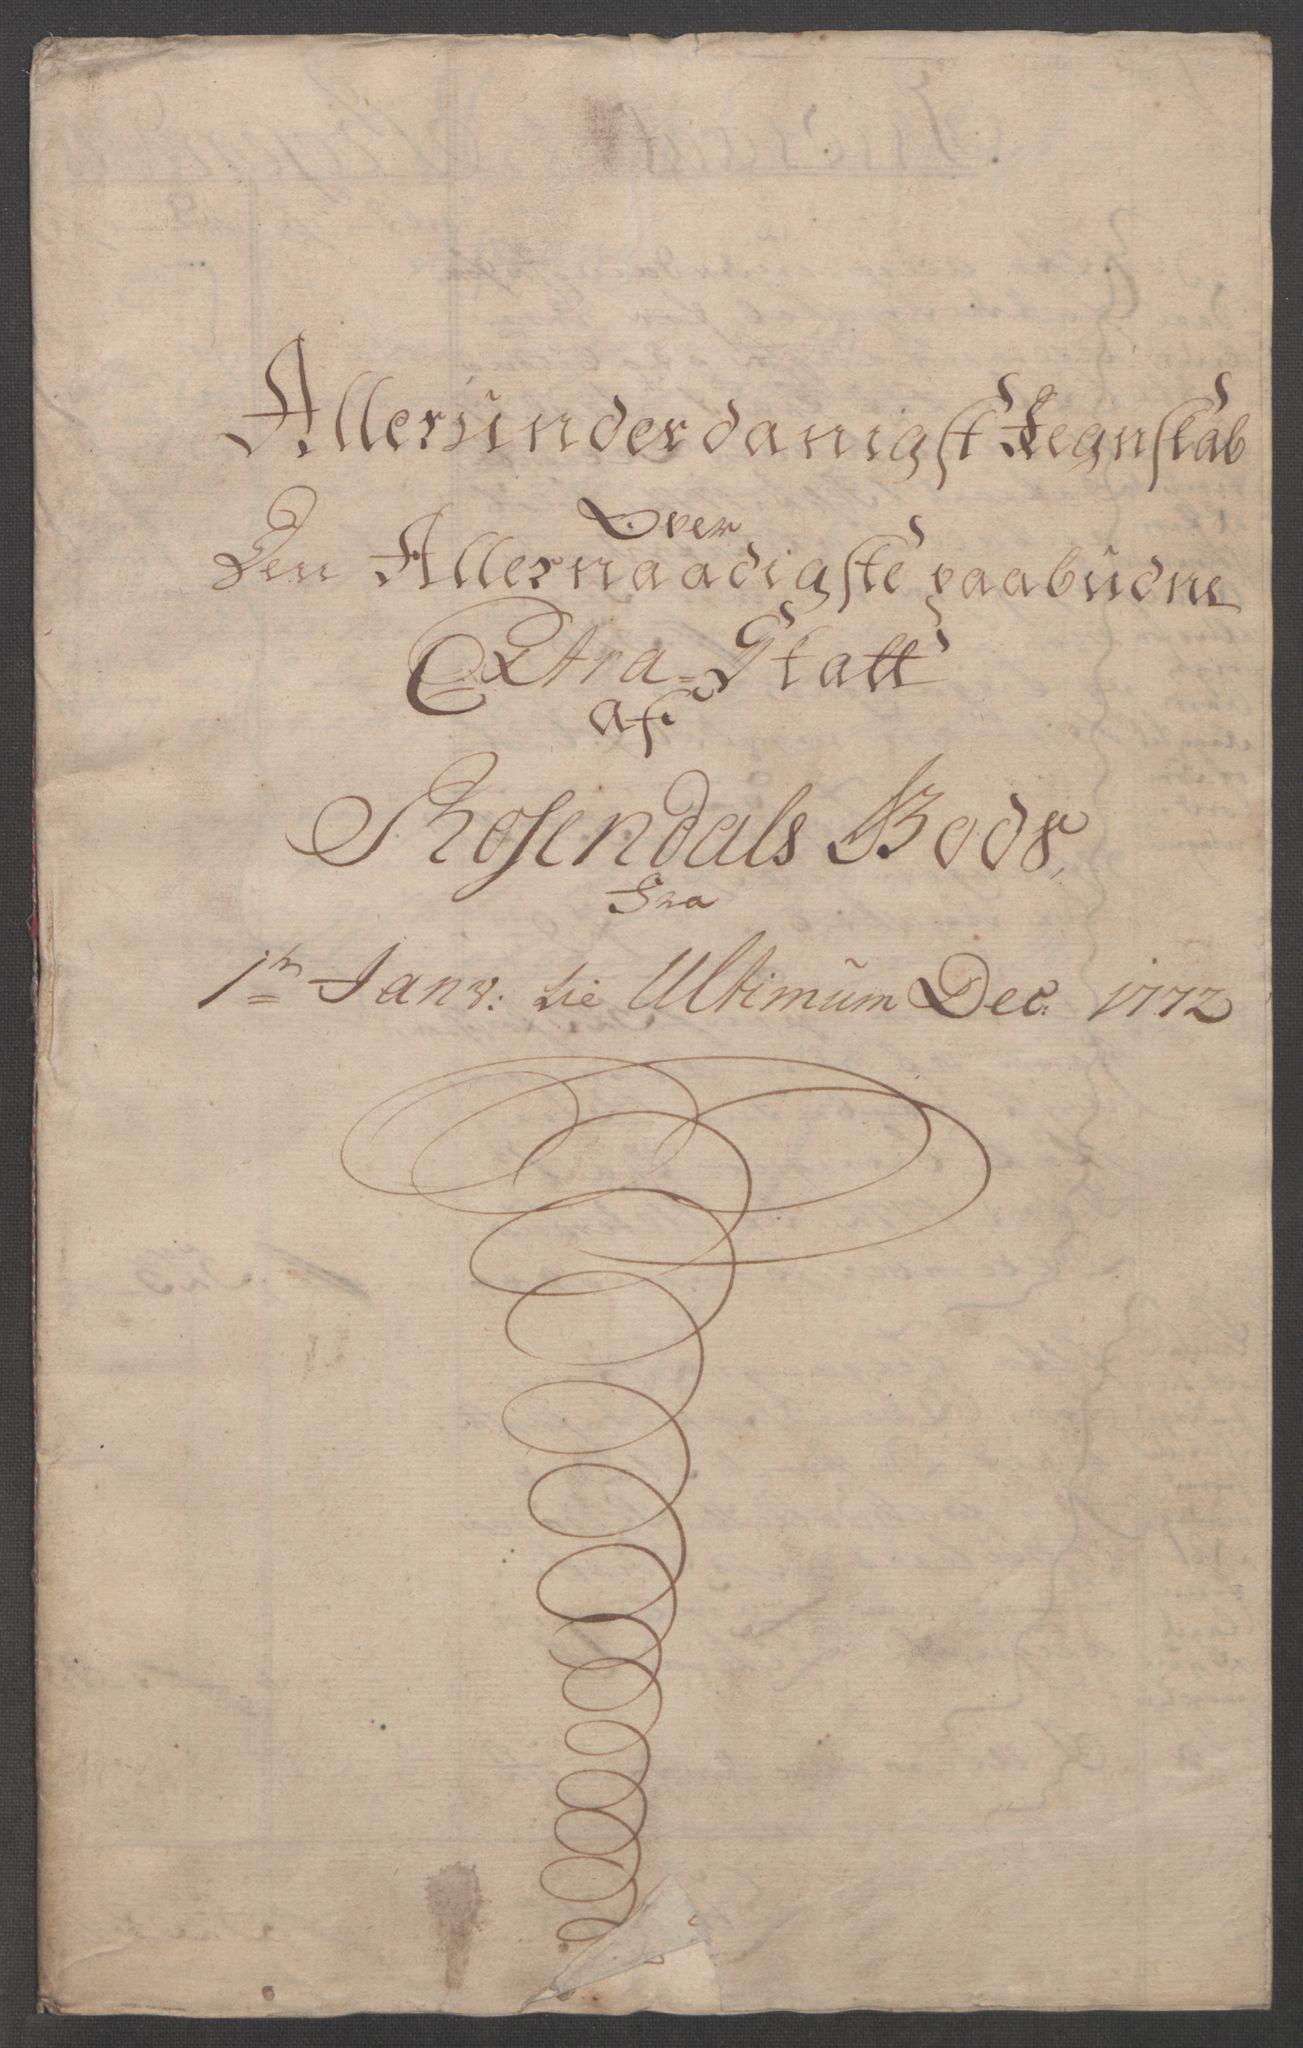 RA, Rentekammeret inntil 1814, Reviderte regnskaper, Fogderegnskap, R49/L3157: Ekstraskatten Rosendal Baroni, 1762-1772, s. 352